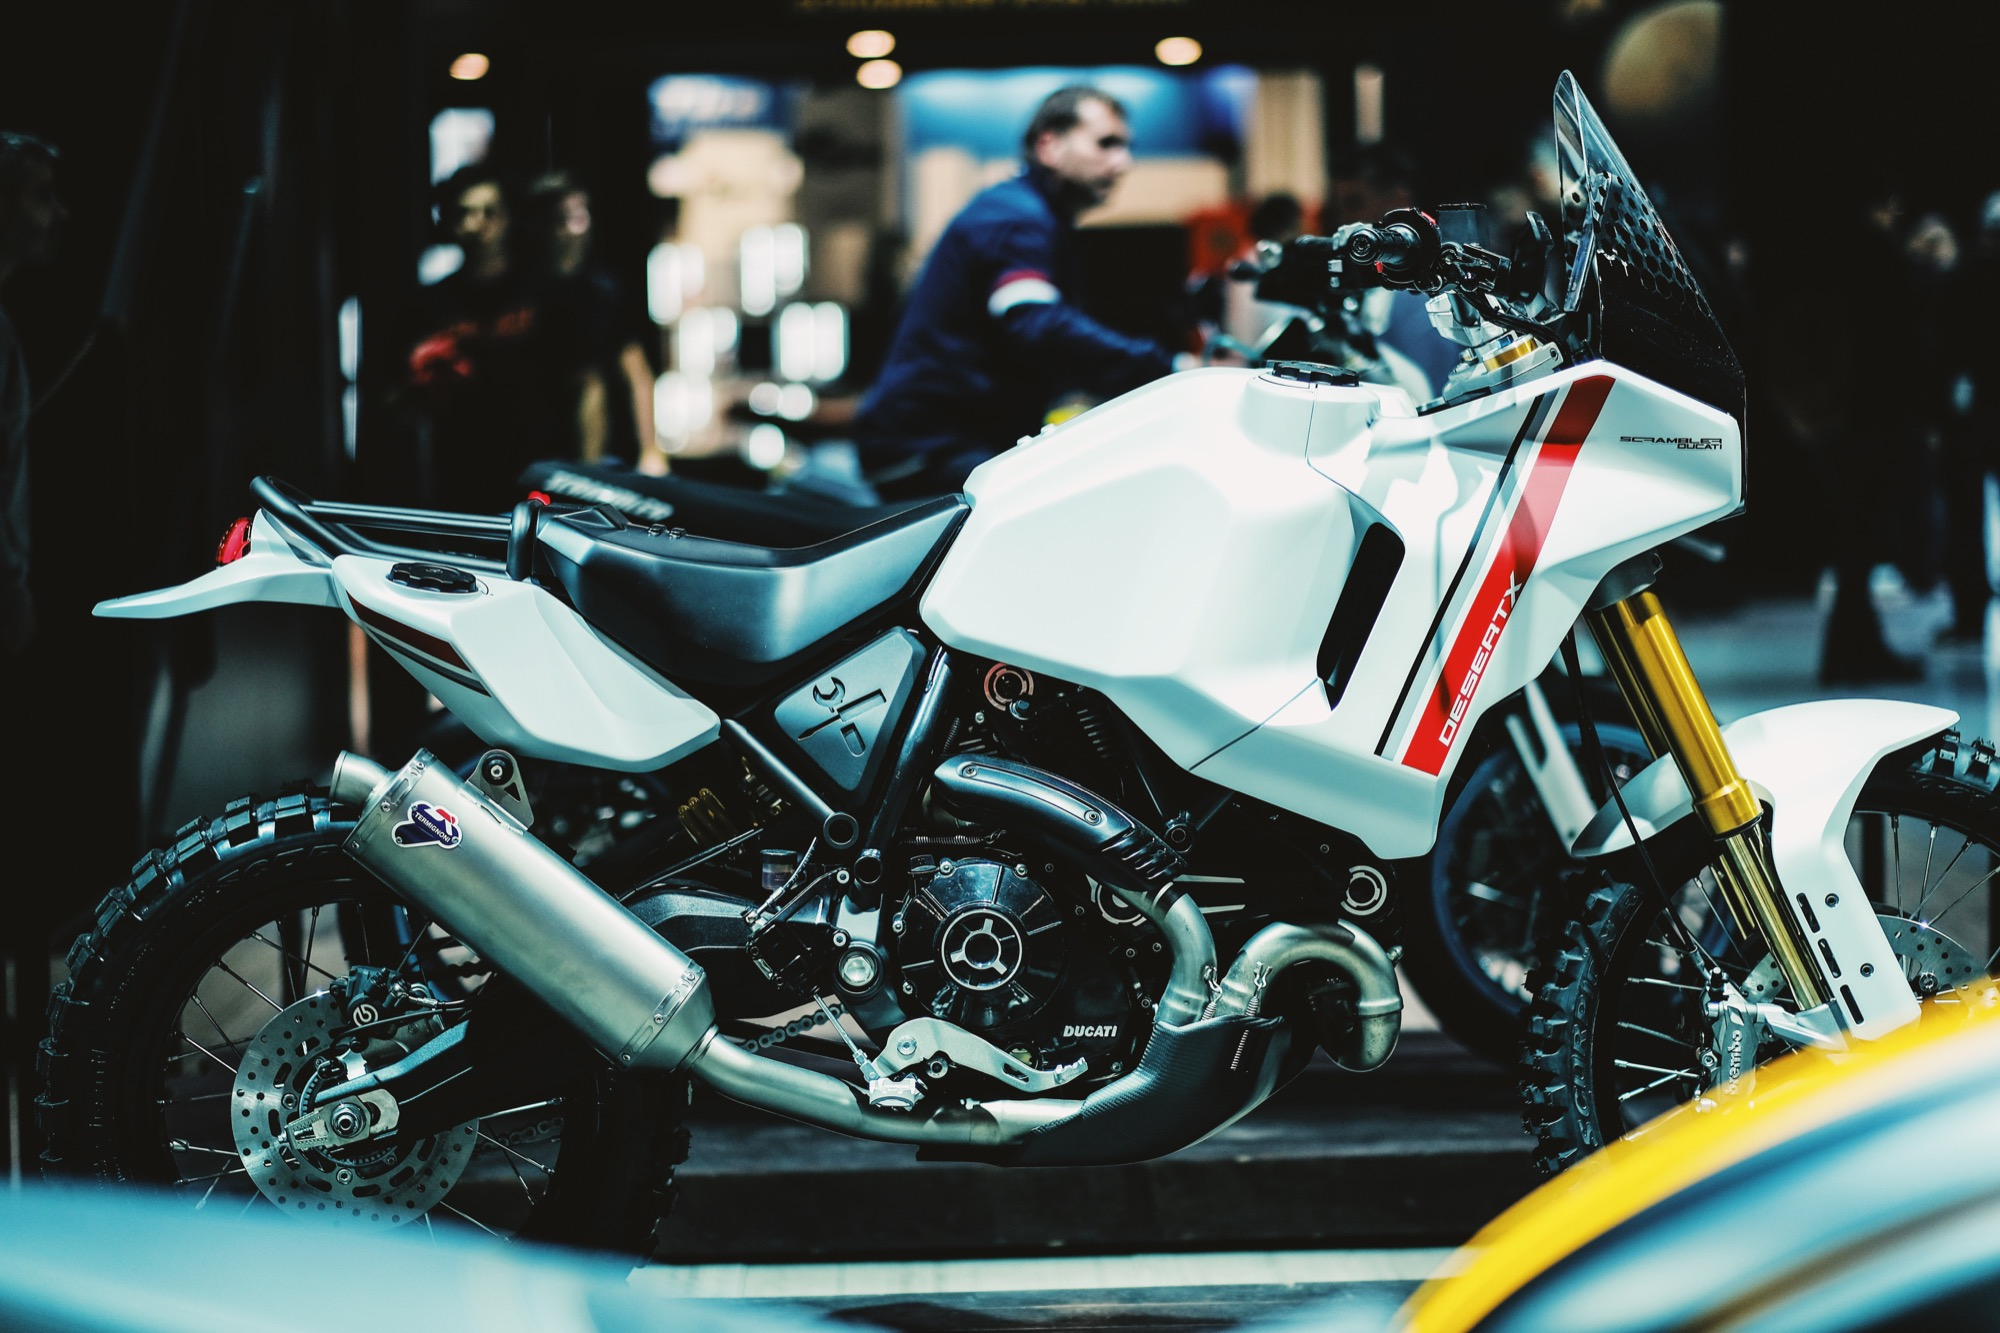 Ducati Scrambler DesertX, y cómo tú puedes hacer que Ducati la ponga en producción